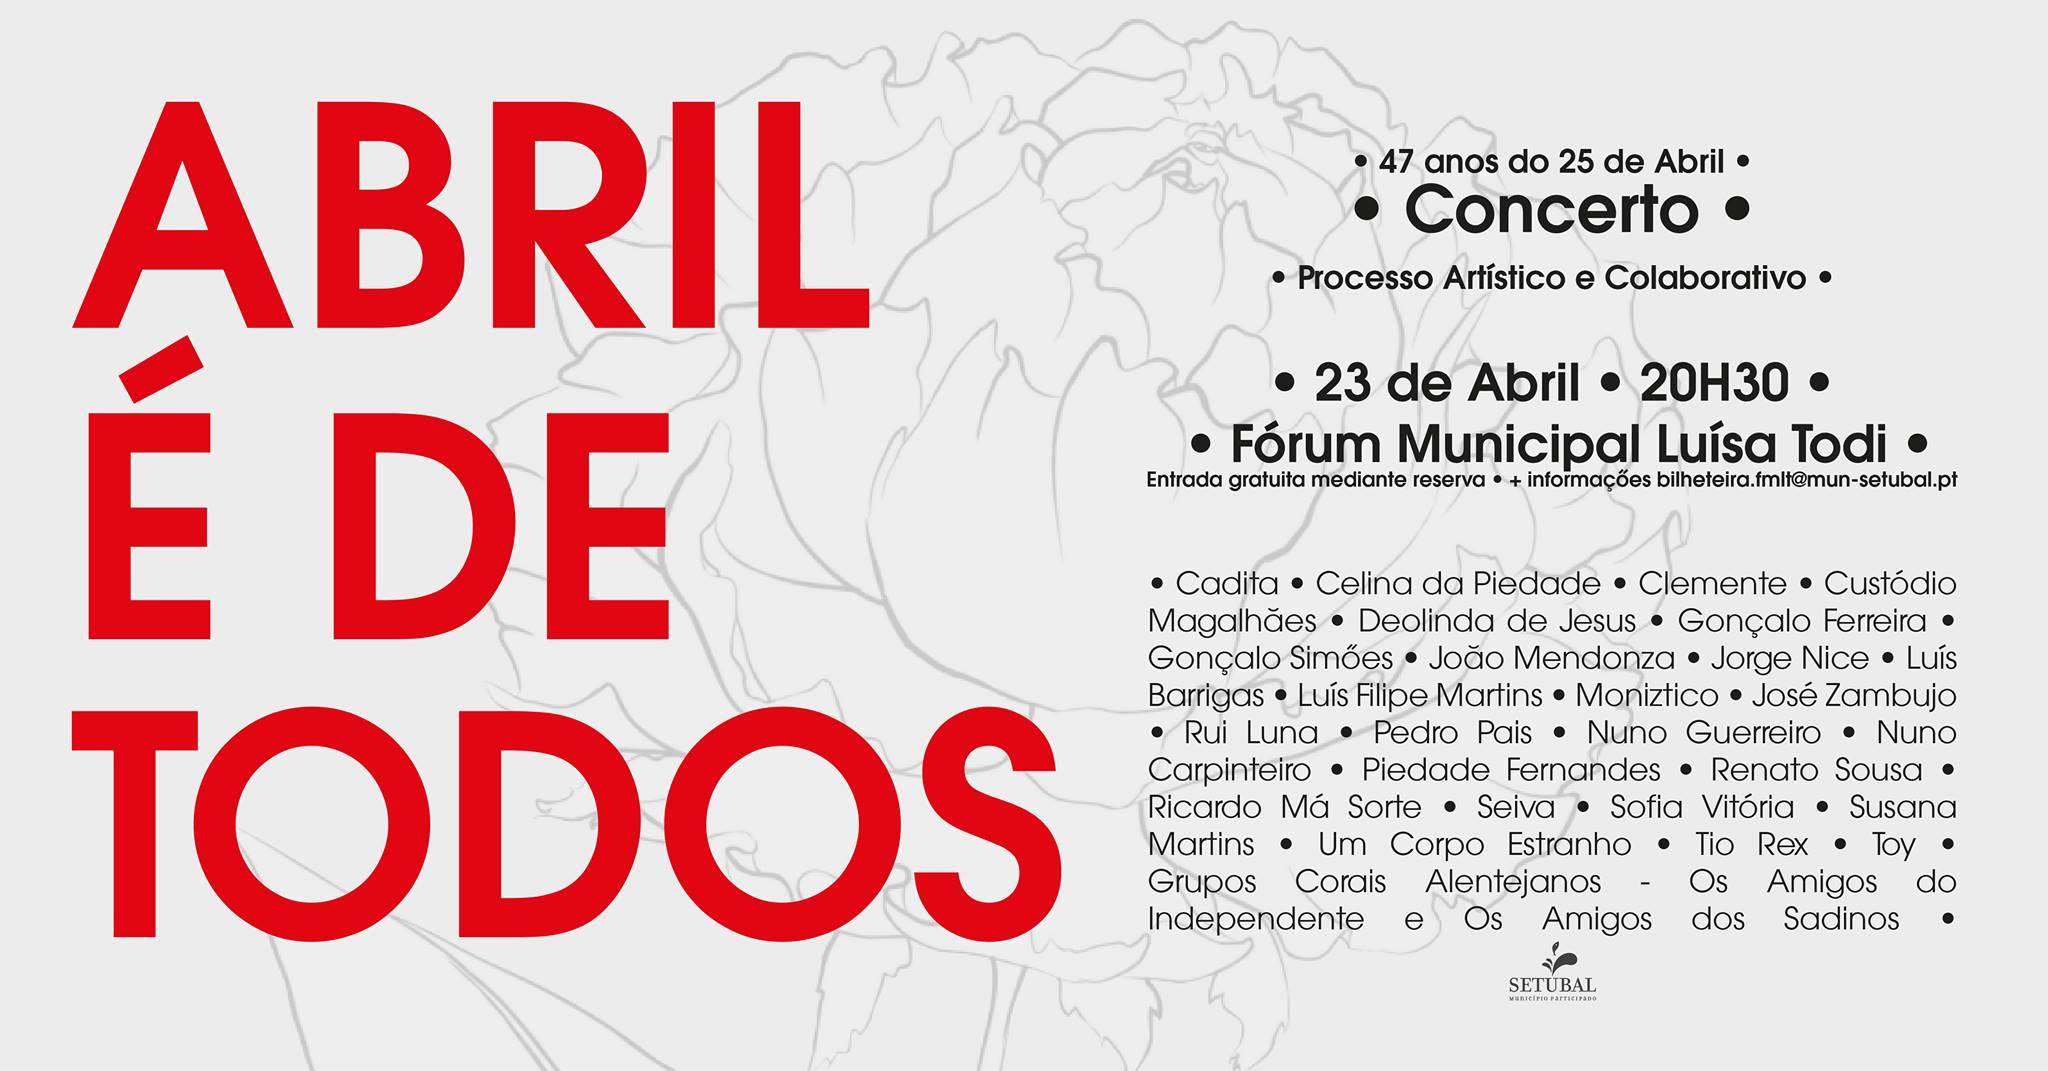 Concerto comemorativo dos 47 anos do 25 de Abril   ABRIL É DE TODOS